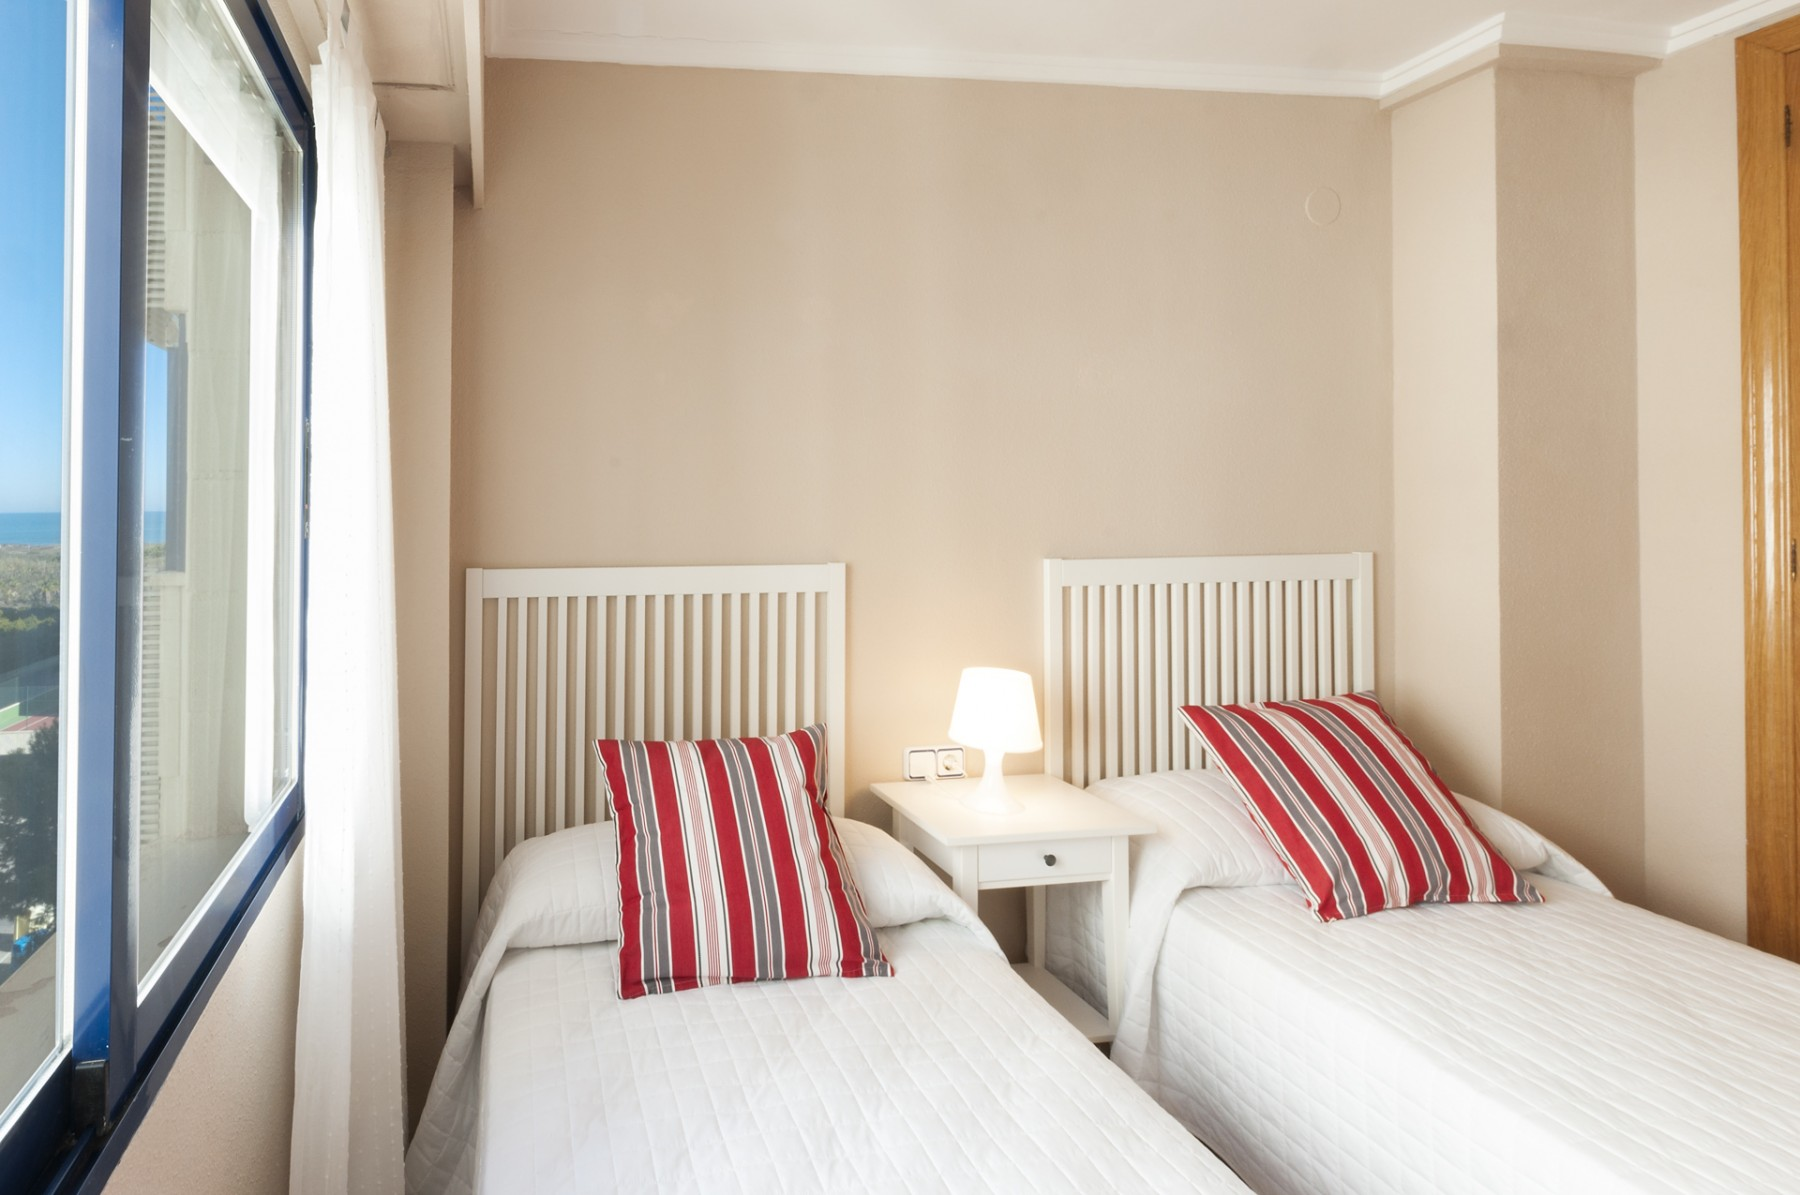 Apartamentos en playa de gand a 71 ag rioja salinas iii - Apartamentos en gandia baratos verano ...